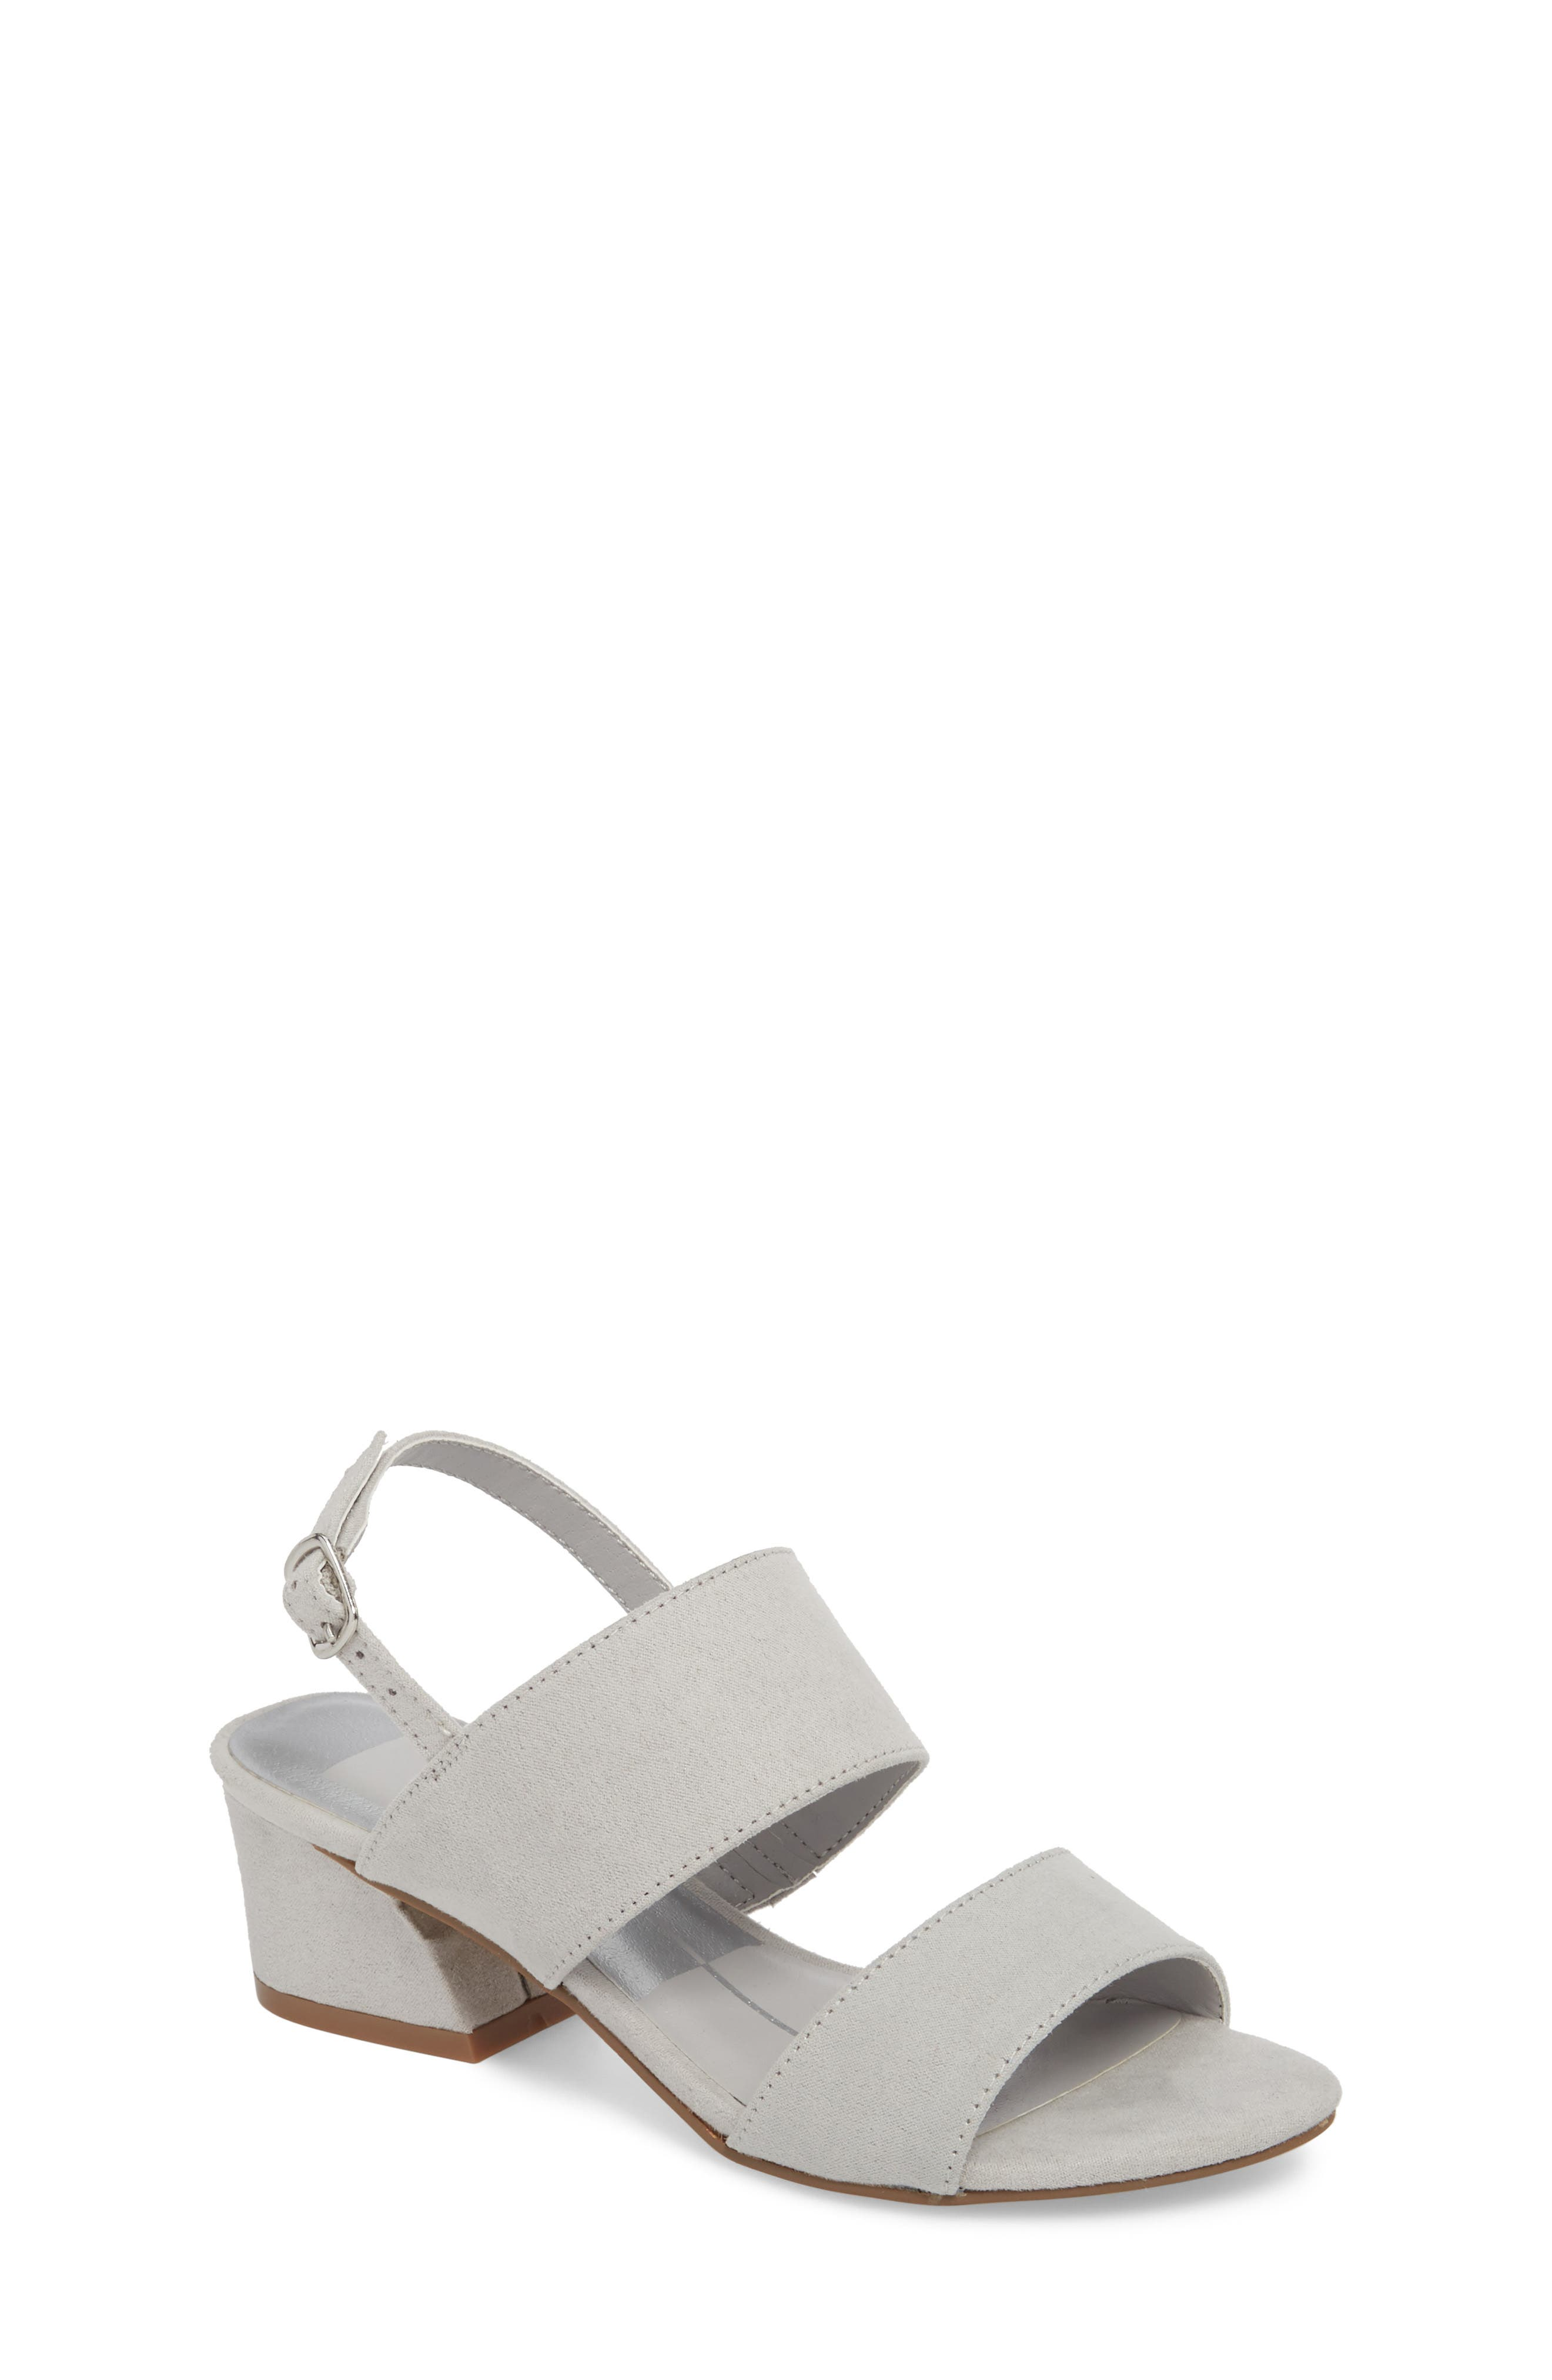 Lorne Flared Heel Sandal,                         Main,                         color, Light Grey